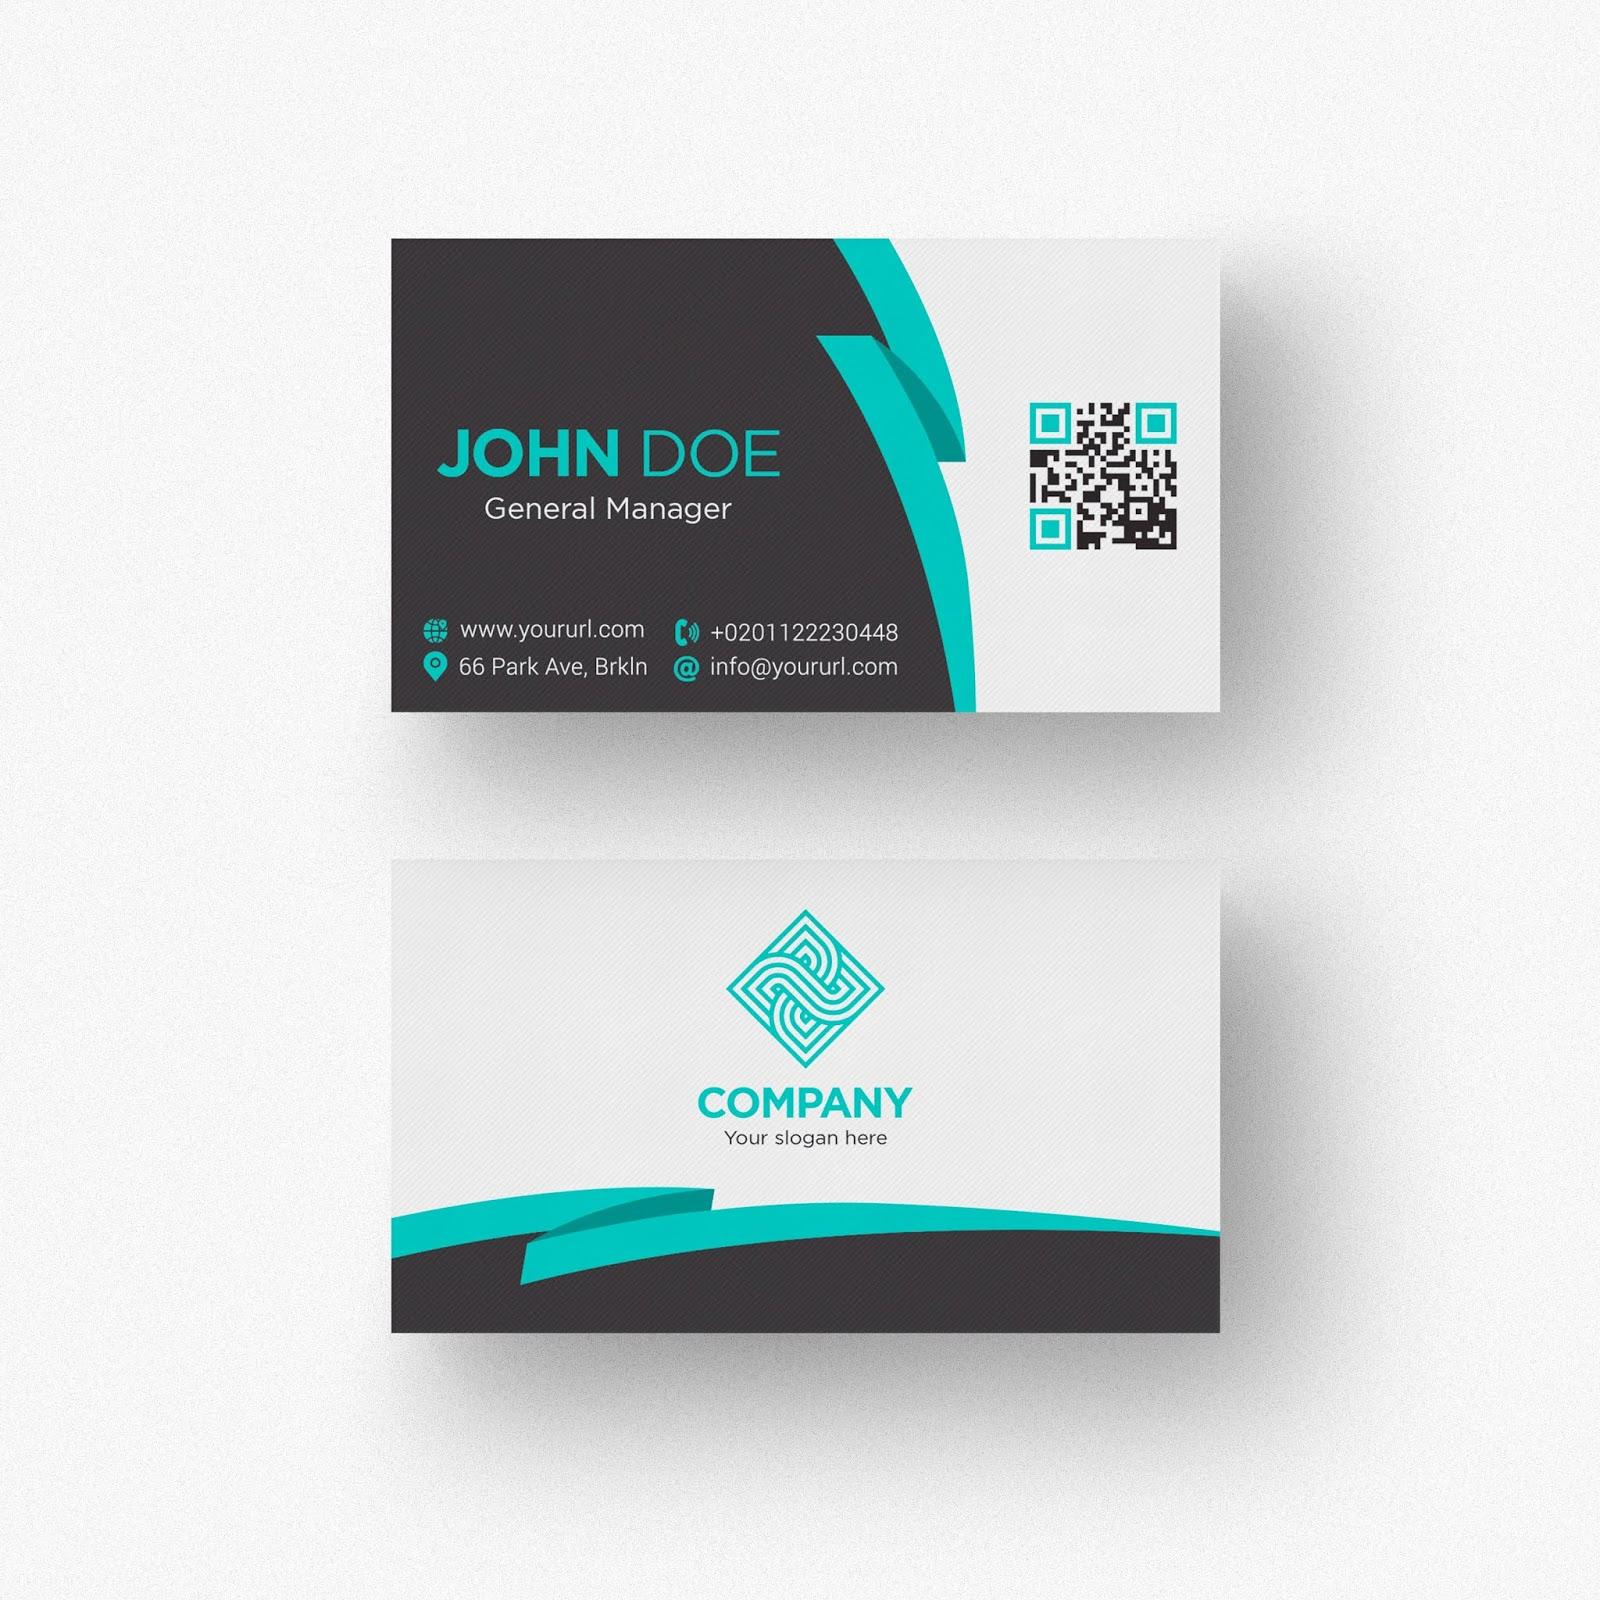 تحميل ملف Psd Business Card جاهز للتعديل على الفوتوشوب صمم بزنس